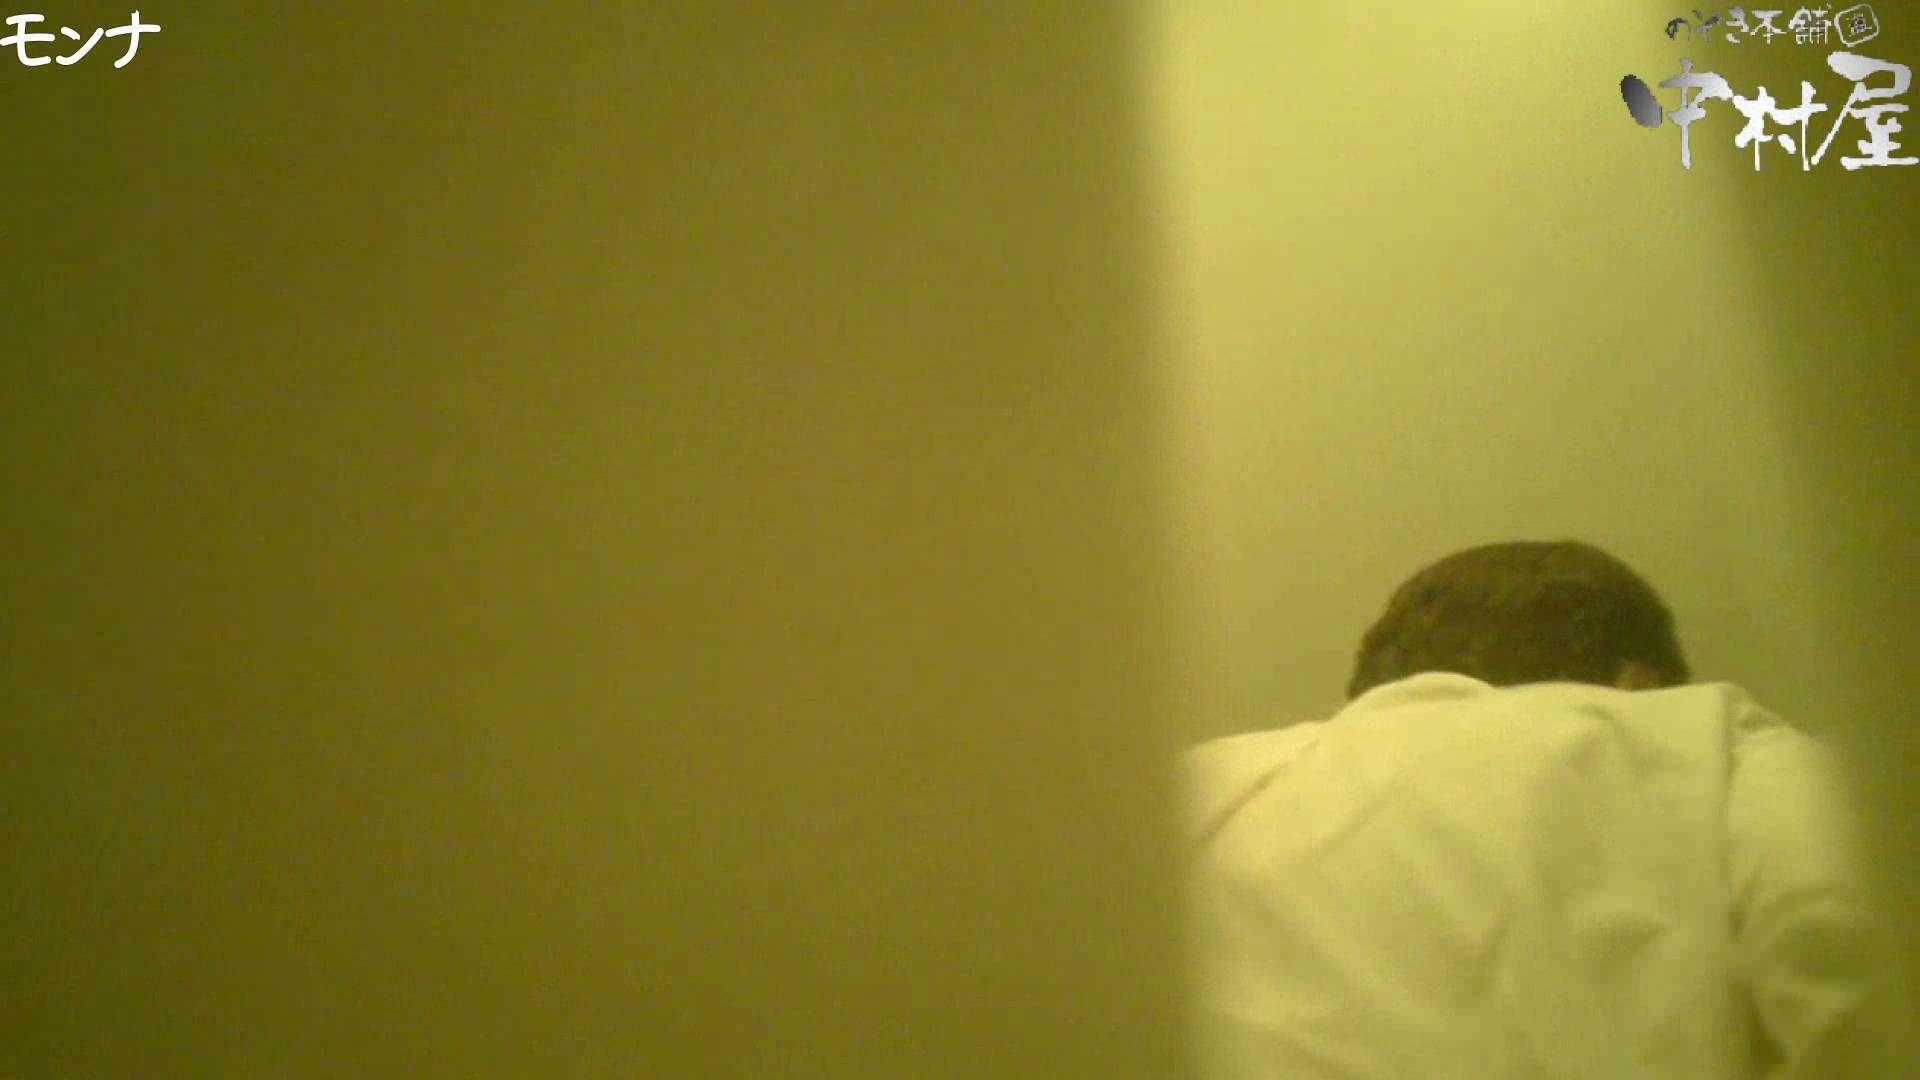 有名大学女性洗面所 vol.66 清楚系女子をがっつり!! 和式トイレ 性交動画流出 82pic 71